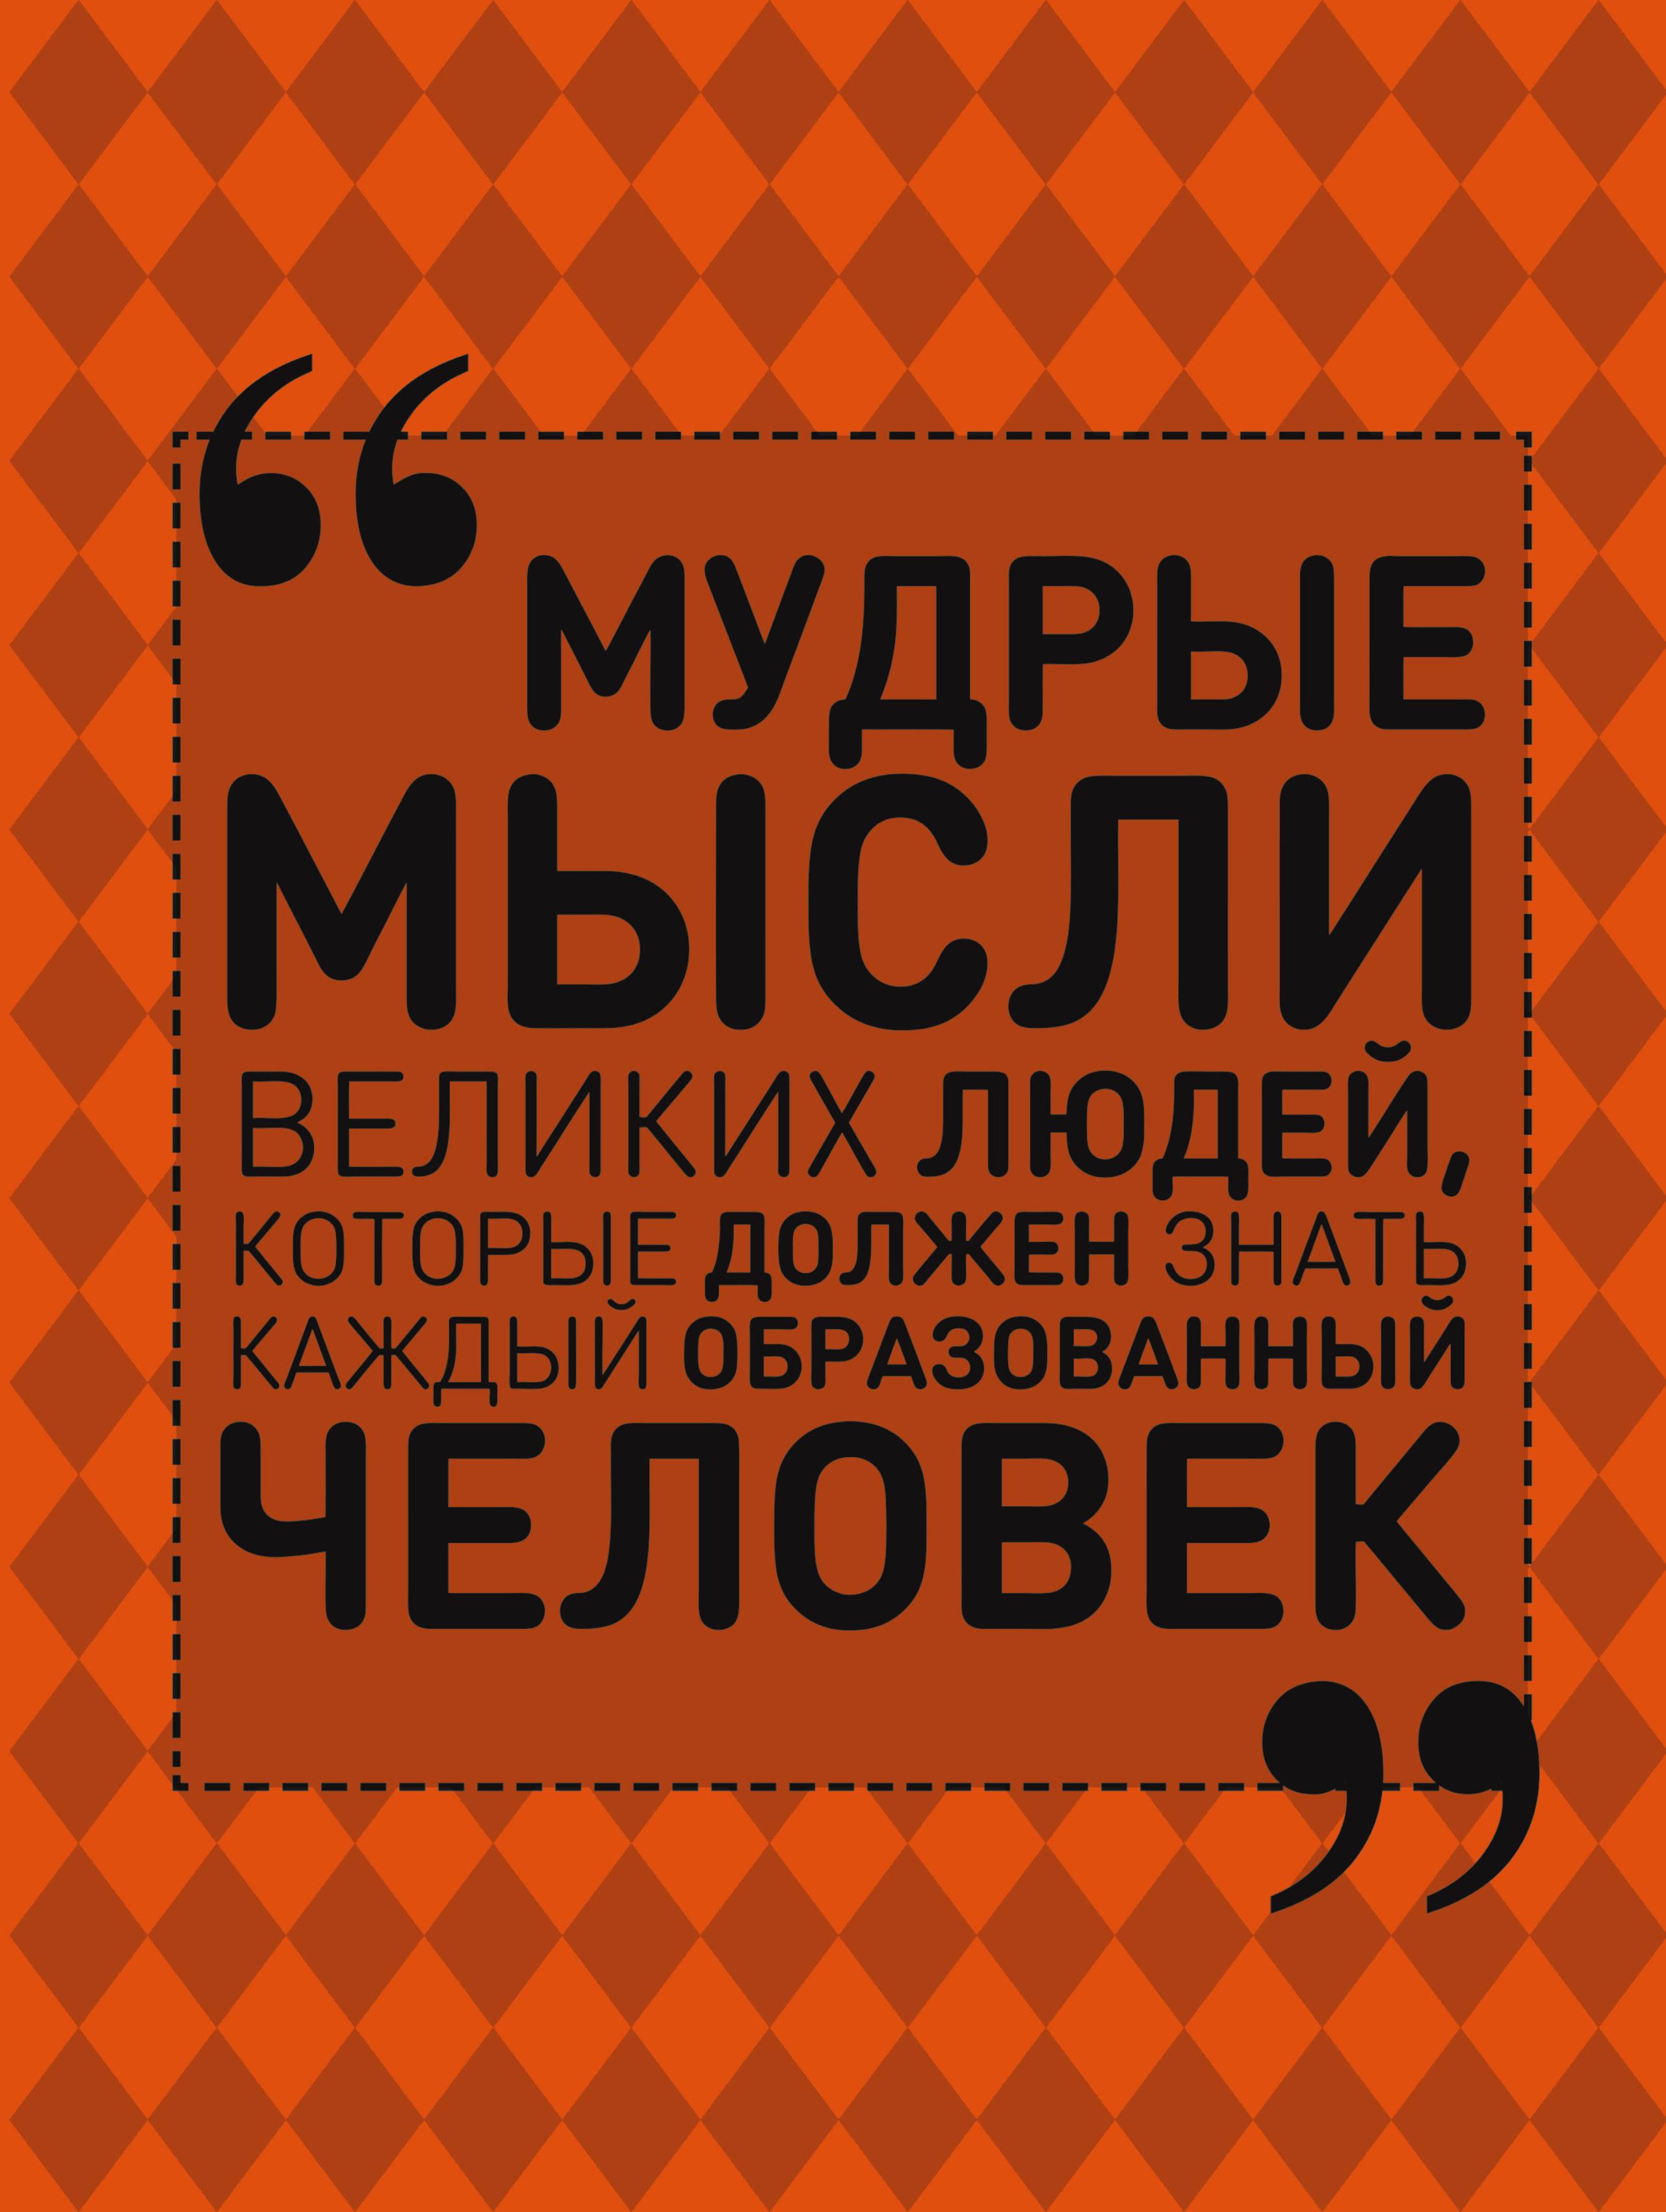 Спектор Анна Артуровна Мудрые мысли великих людей, которые должен знать каждый образованный человек ISBN: 978-5-17-100778-2 отсутствует все афоризмы и цитаты которые должен знать каждый образованный человек